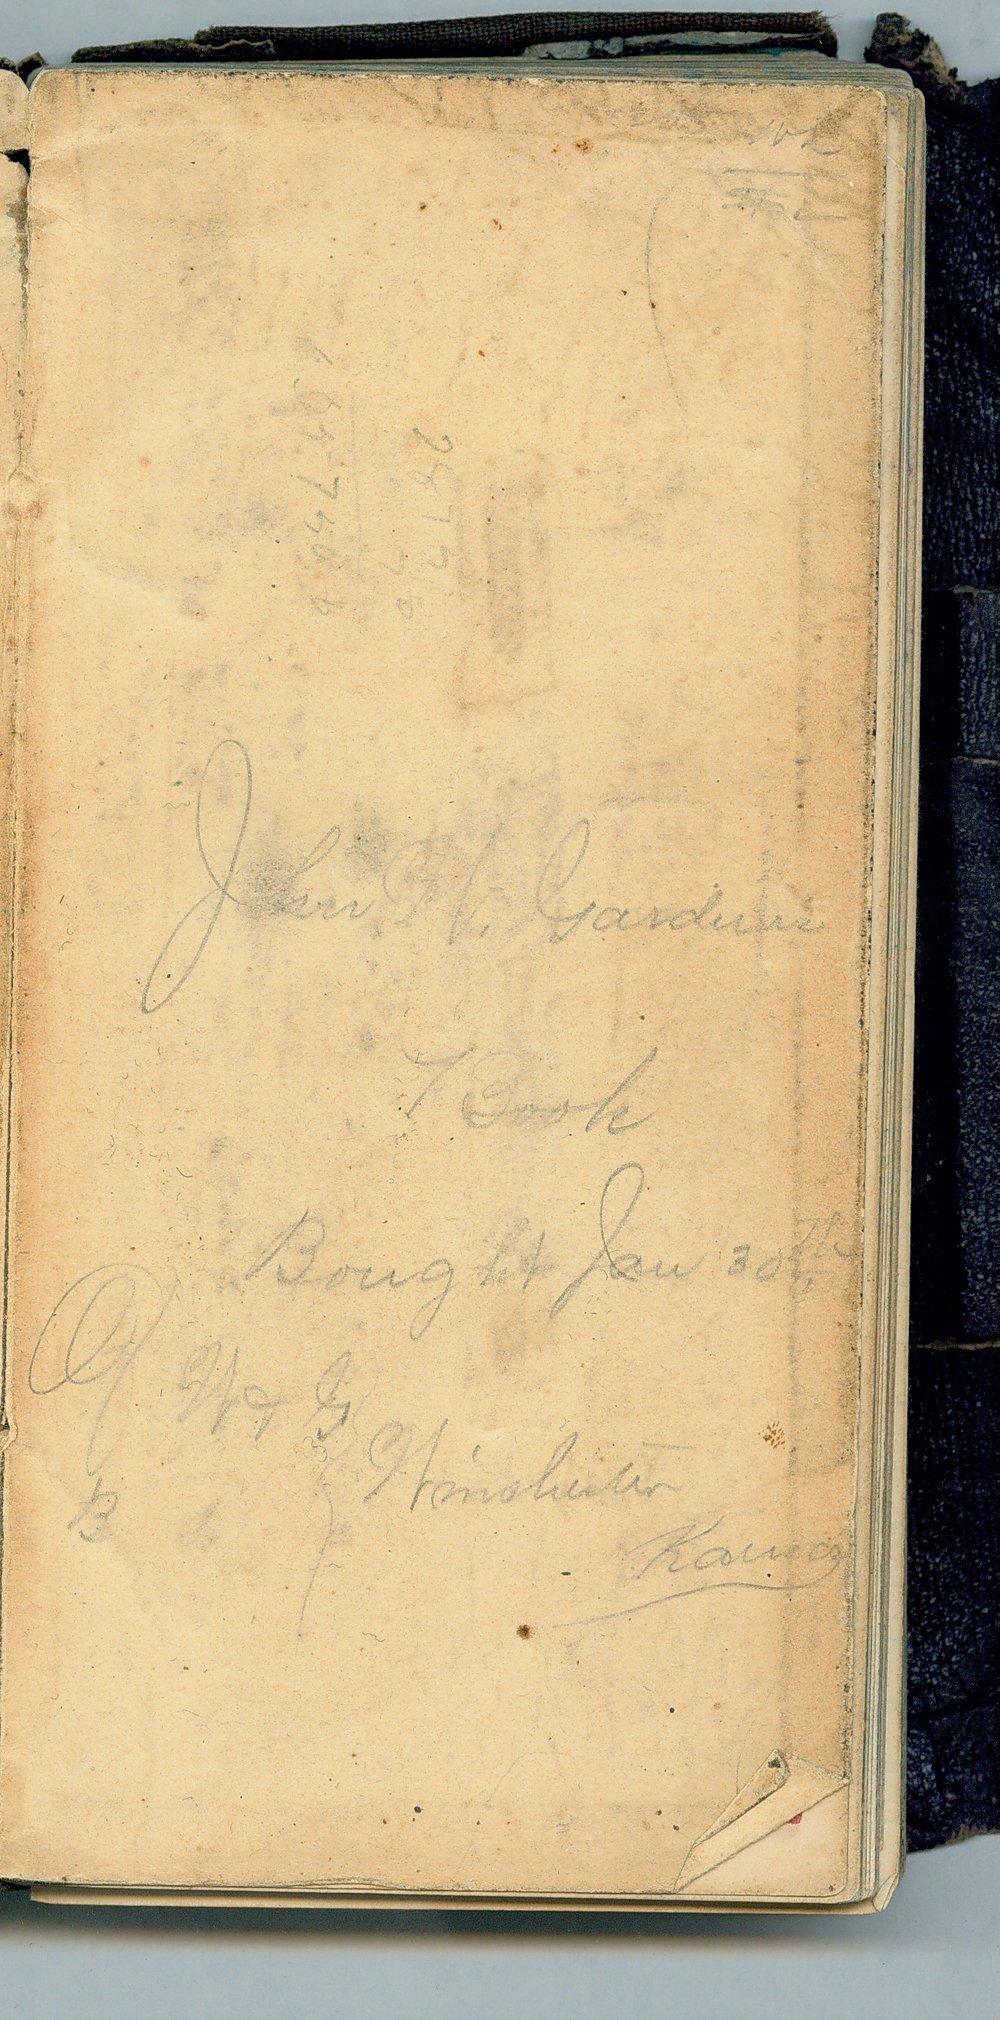 John William Gardiner diary - Opposite Inside Front Cover